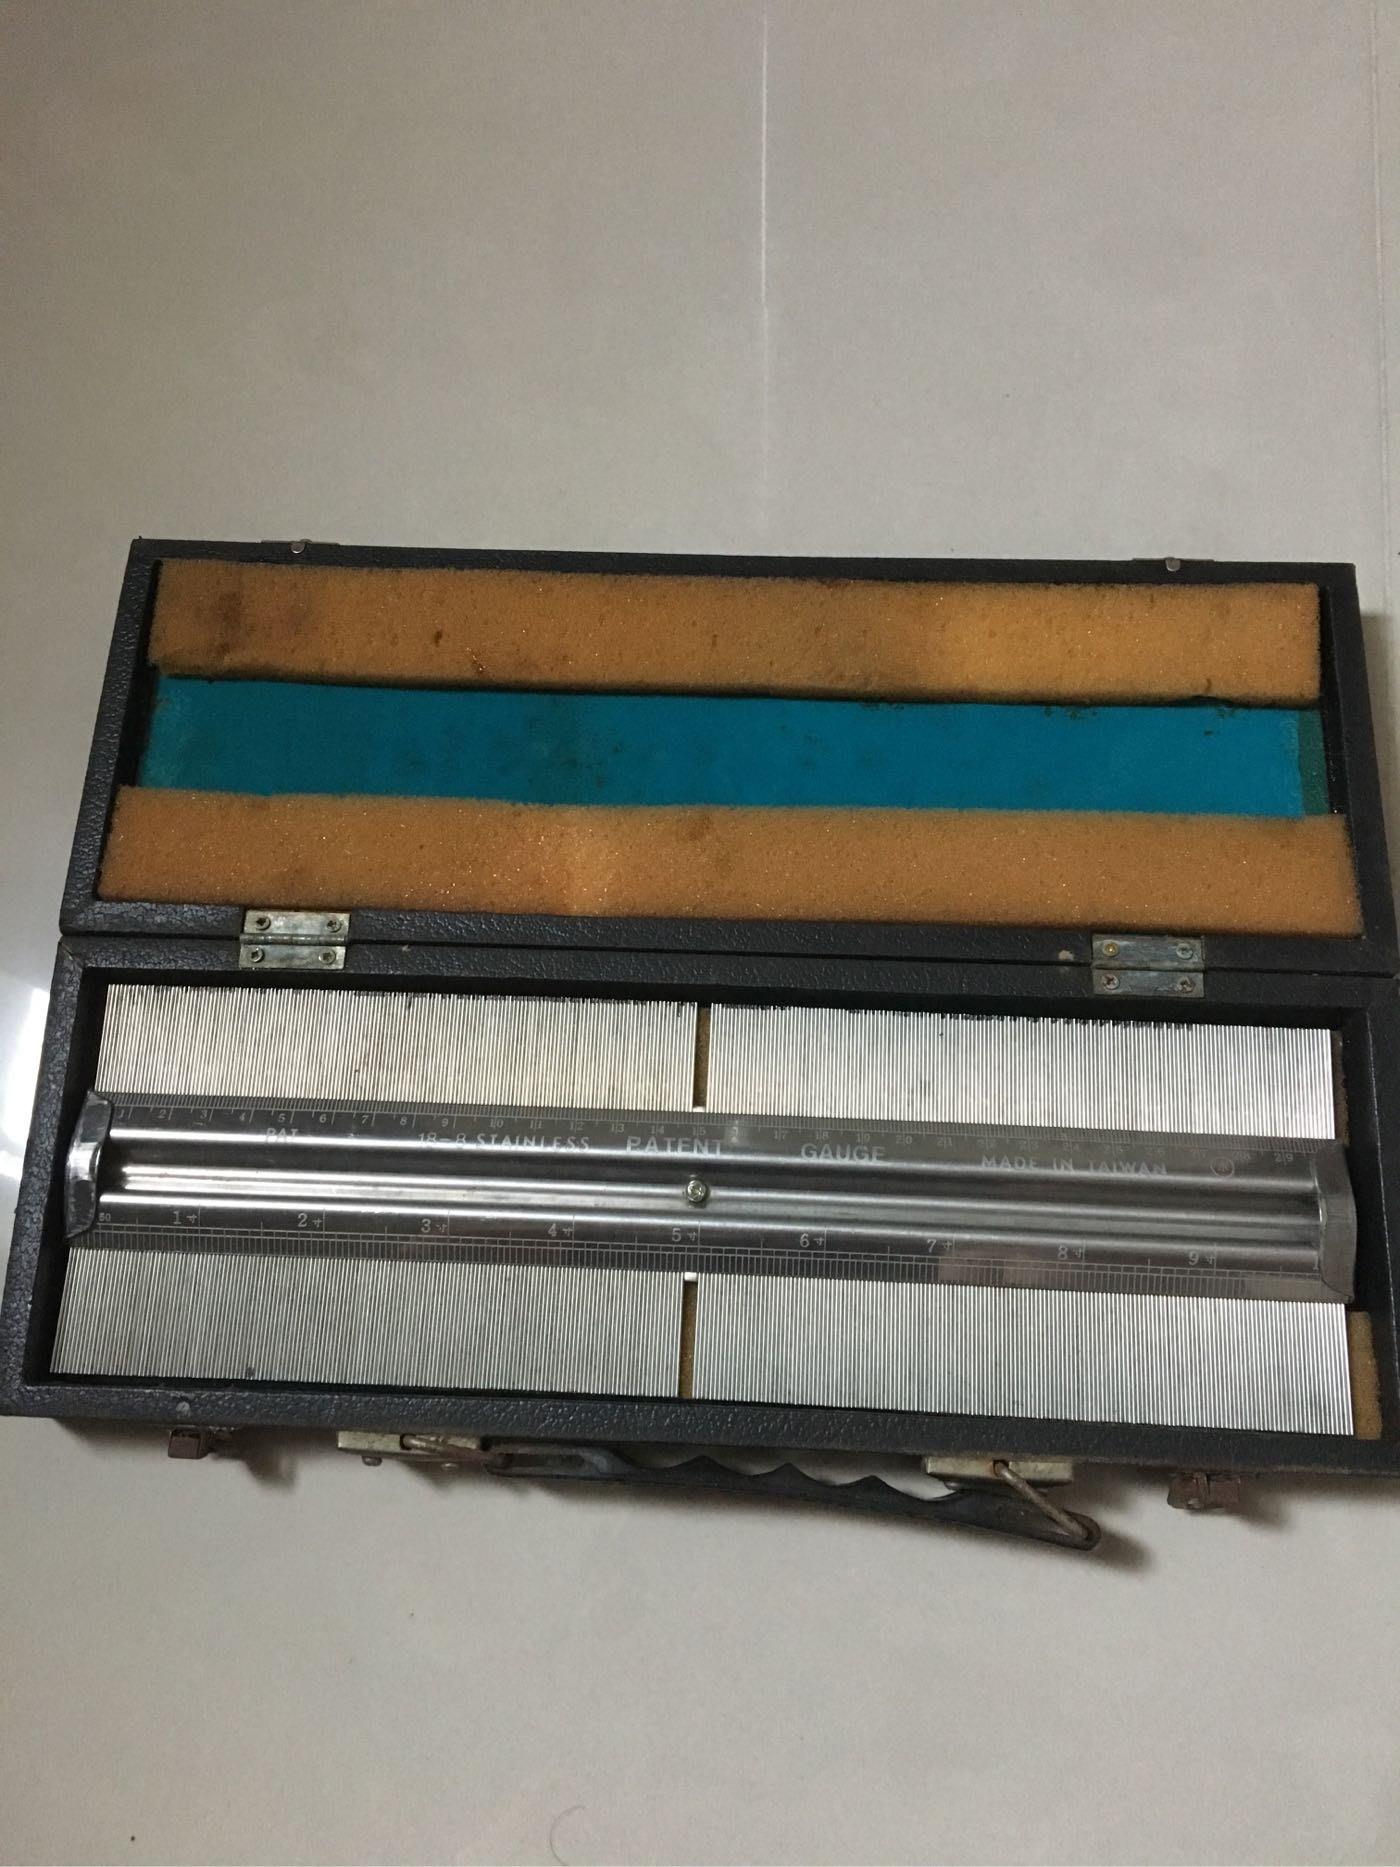 繪圖工具 量測工具 特殊用途 繪圖尺 專利產品 不鏽鋼尺子 特殊尺子